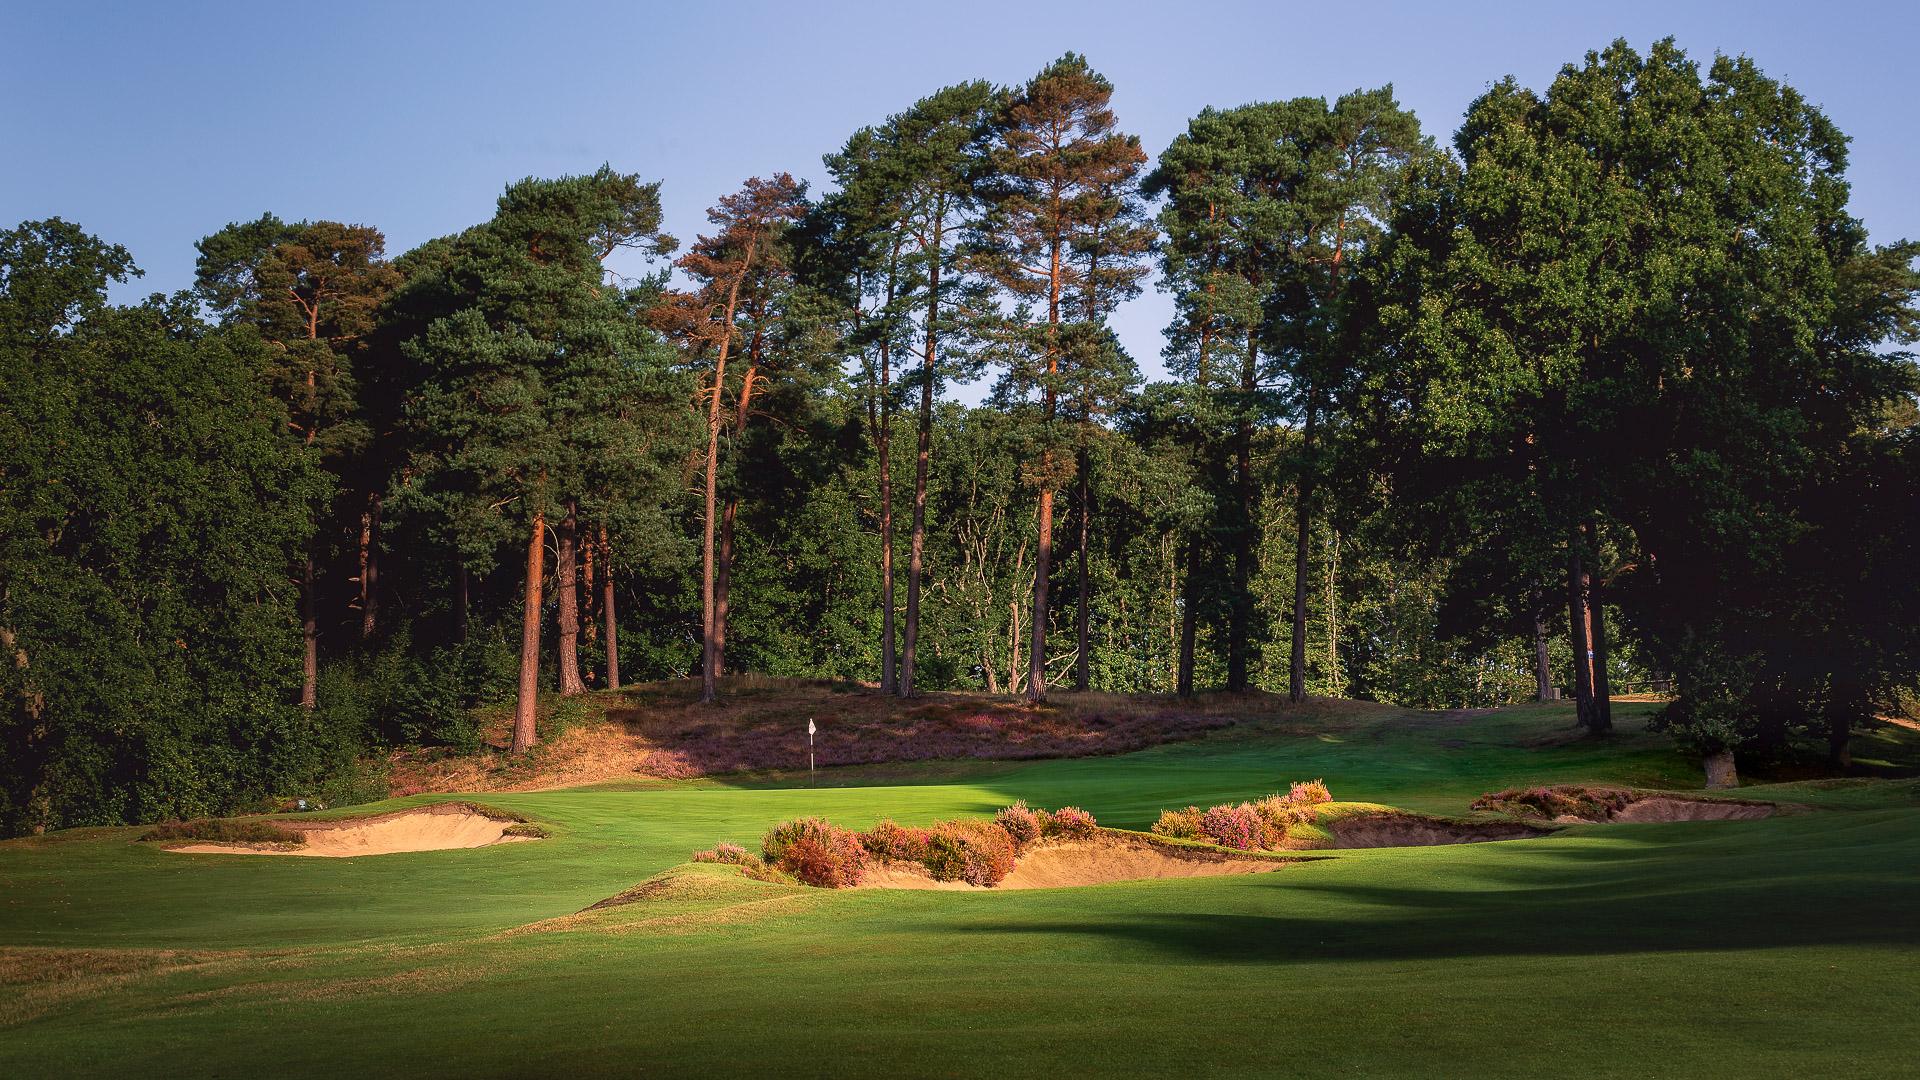 16th-Hole-St-Georges-Hill-Golf-Club-2691-Edit